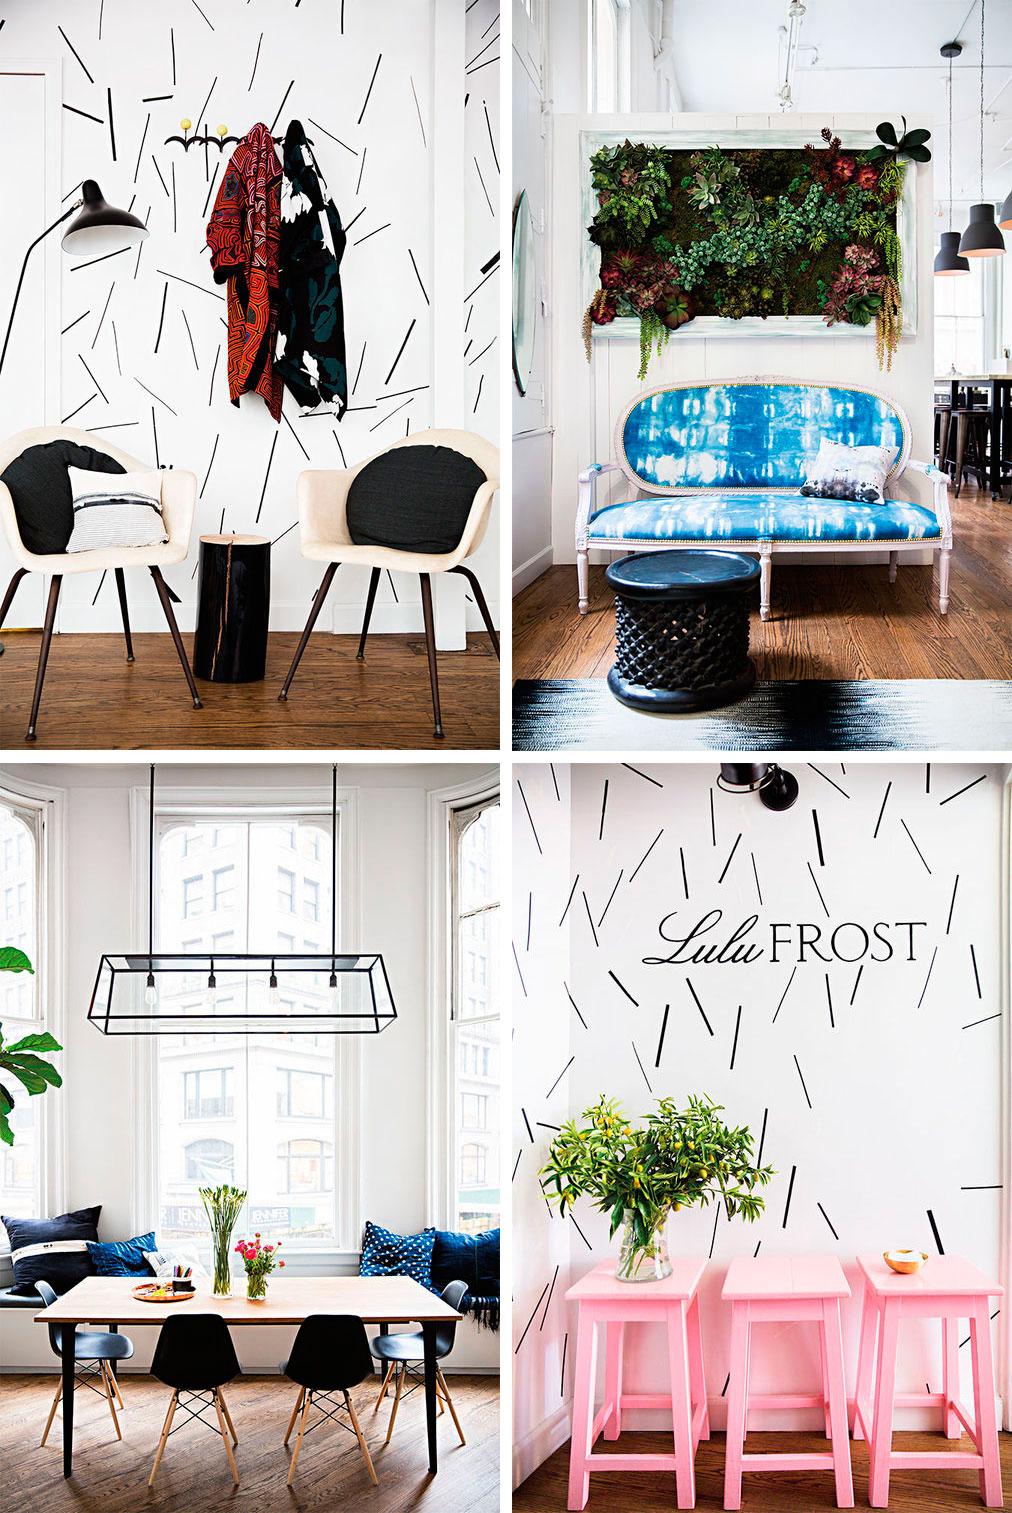 C-diseño-oficina-decoratualma-dta-katie-martinez